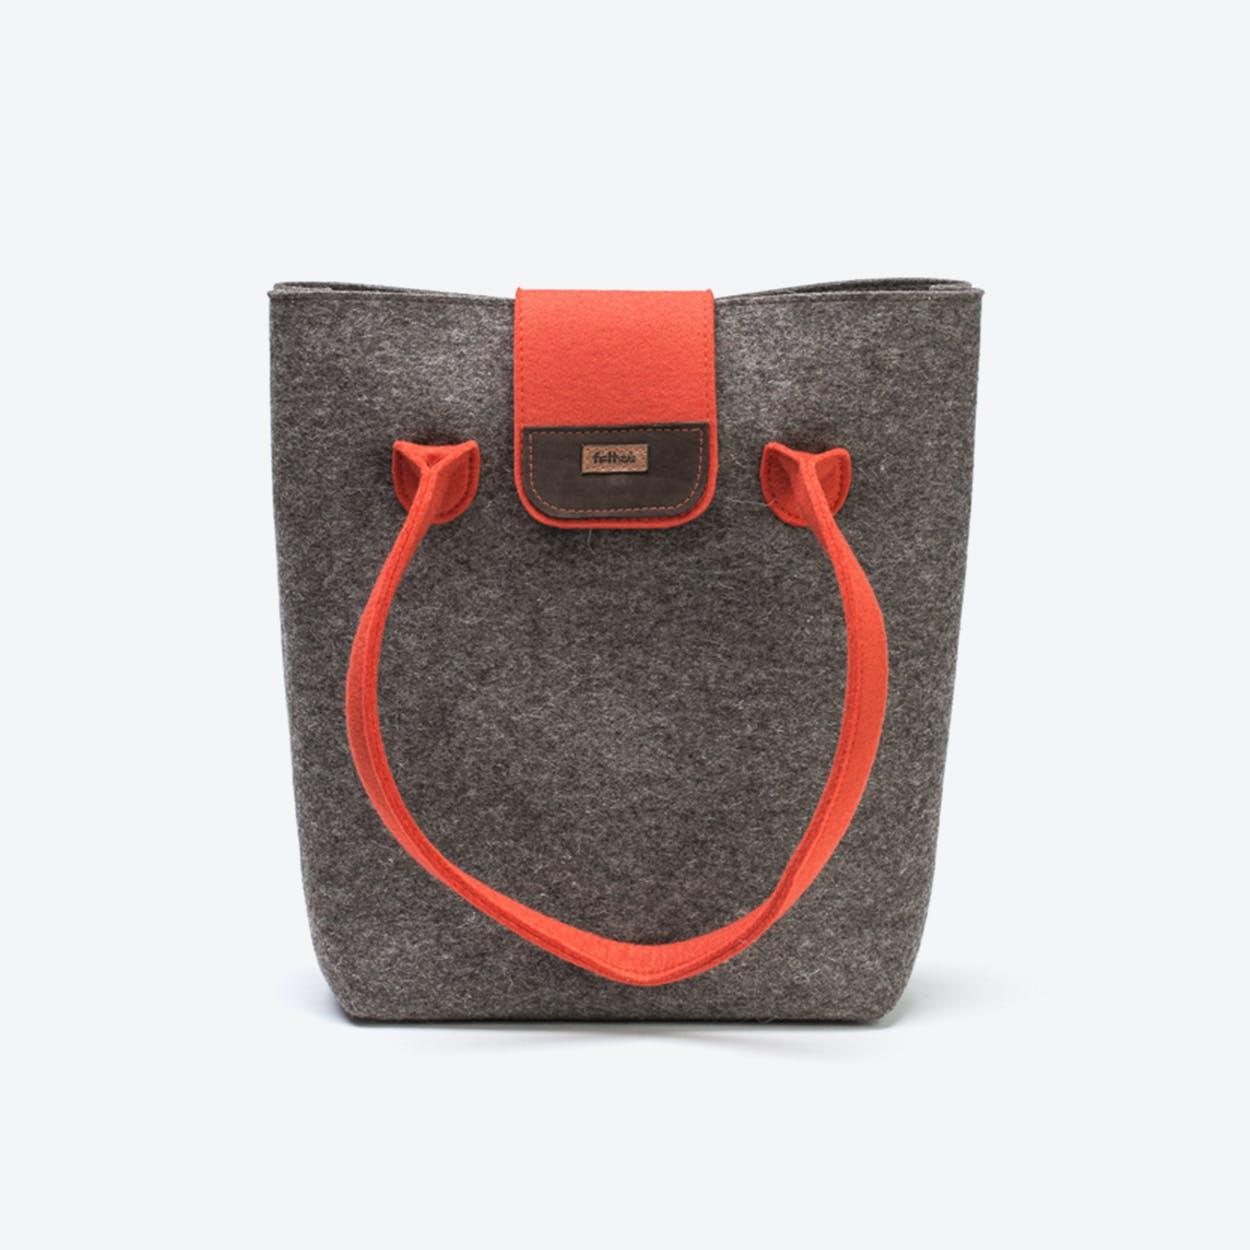 Practical Bag in Natural Mottled/Mango